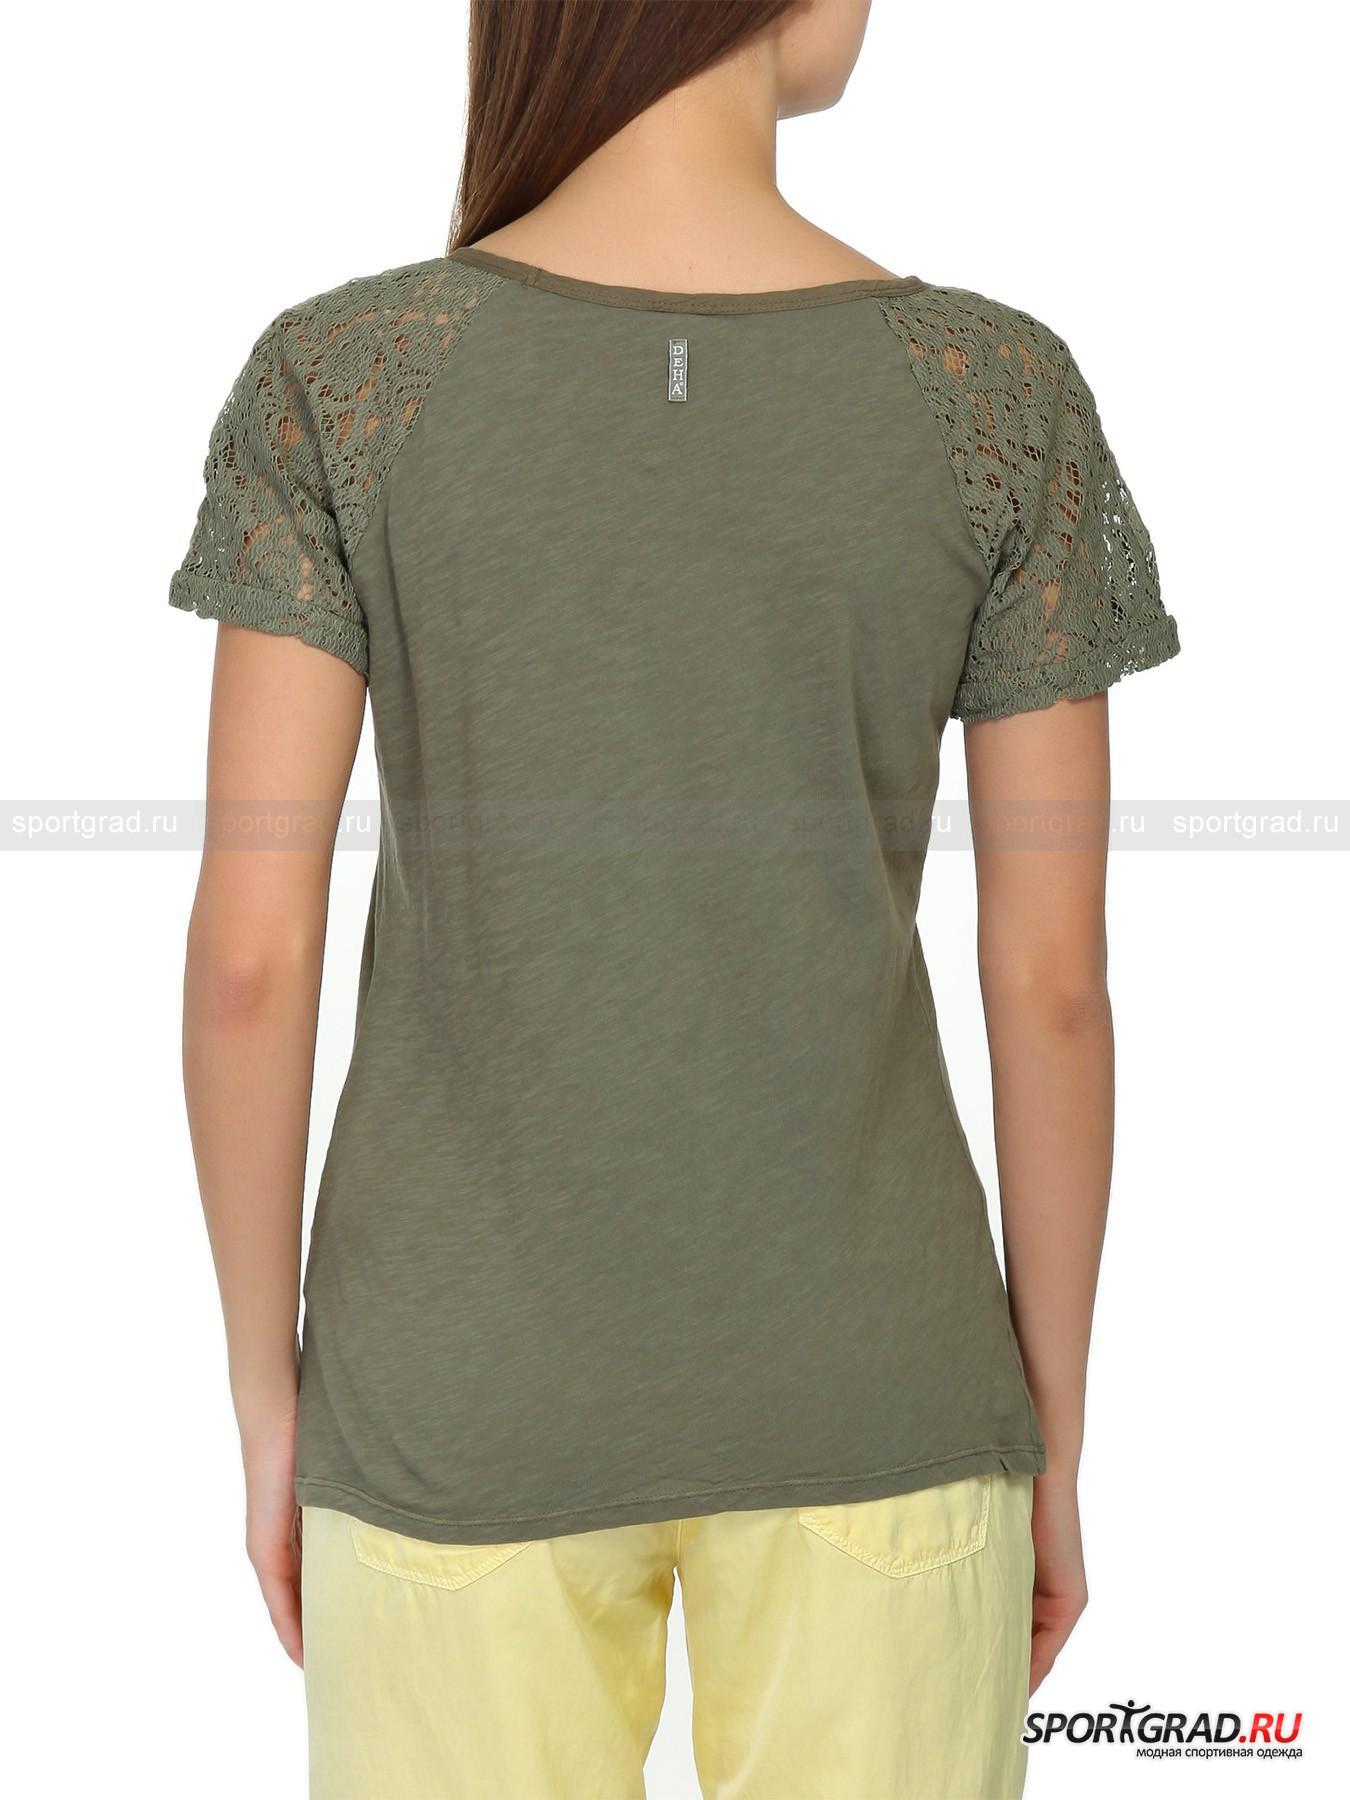 Футболка женская T-shirt DEHA от Спортград